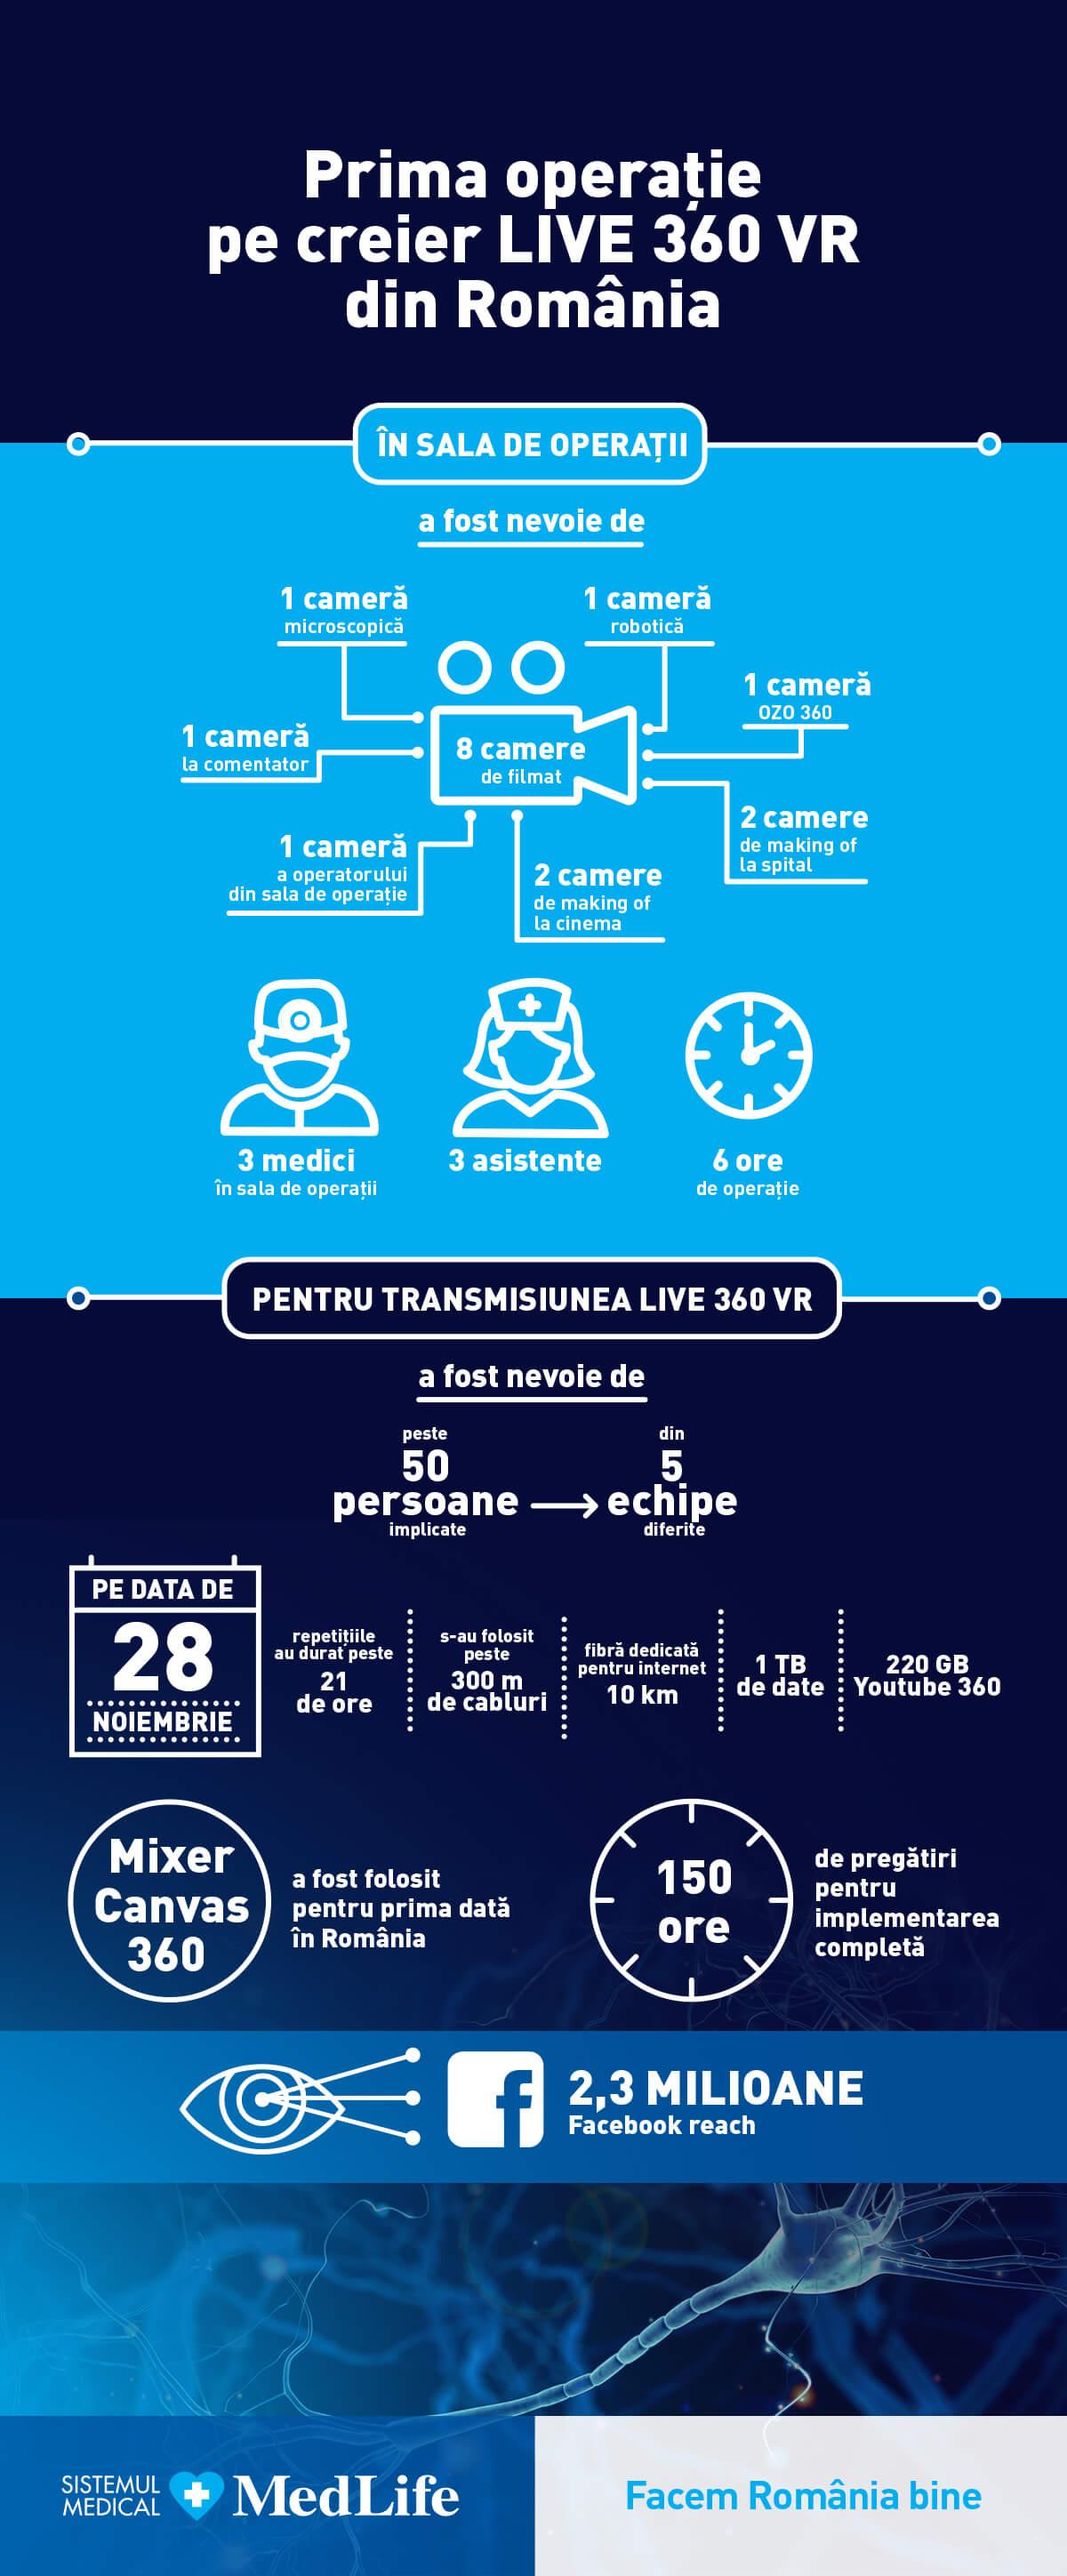 Prima operatie LIVE 360 VR din Romania (1)